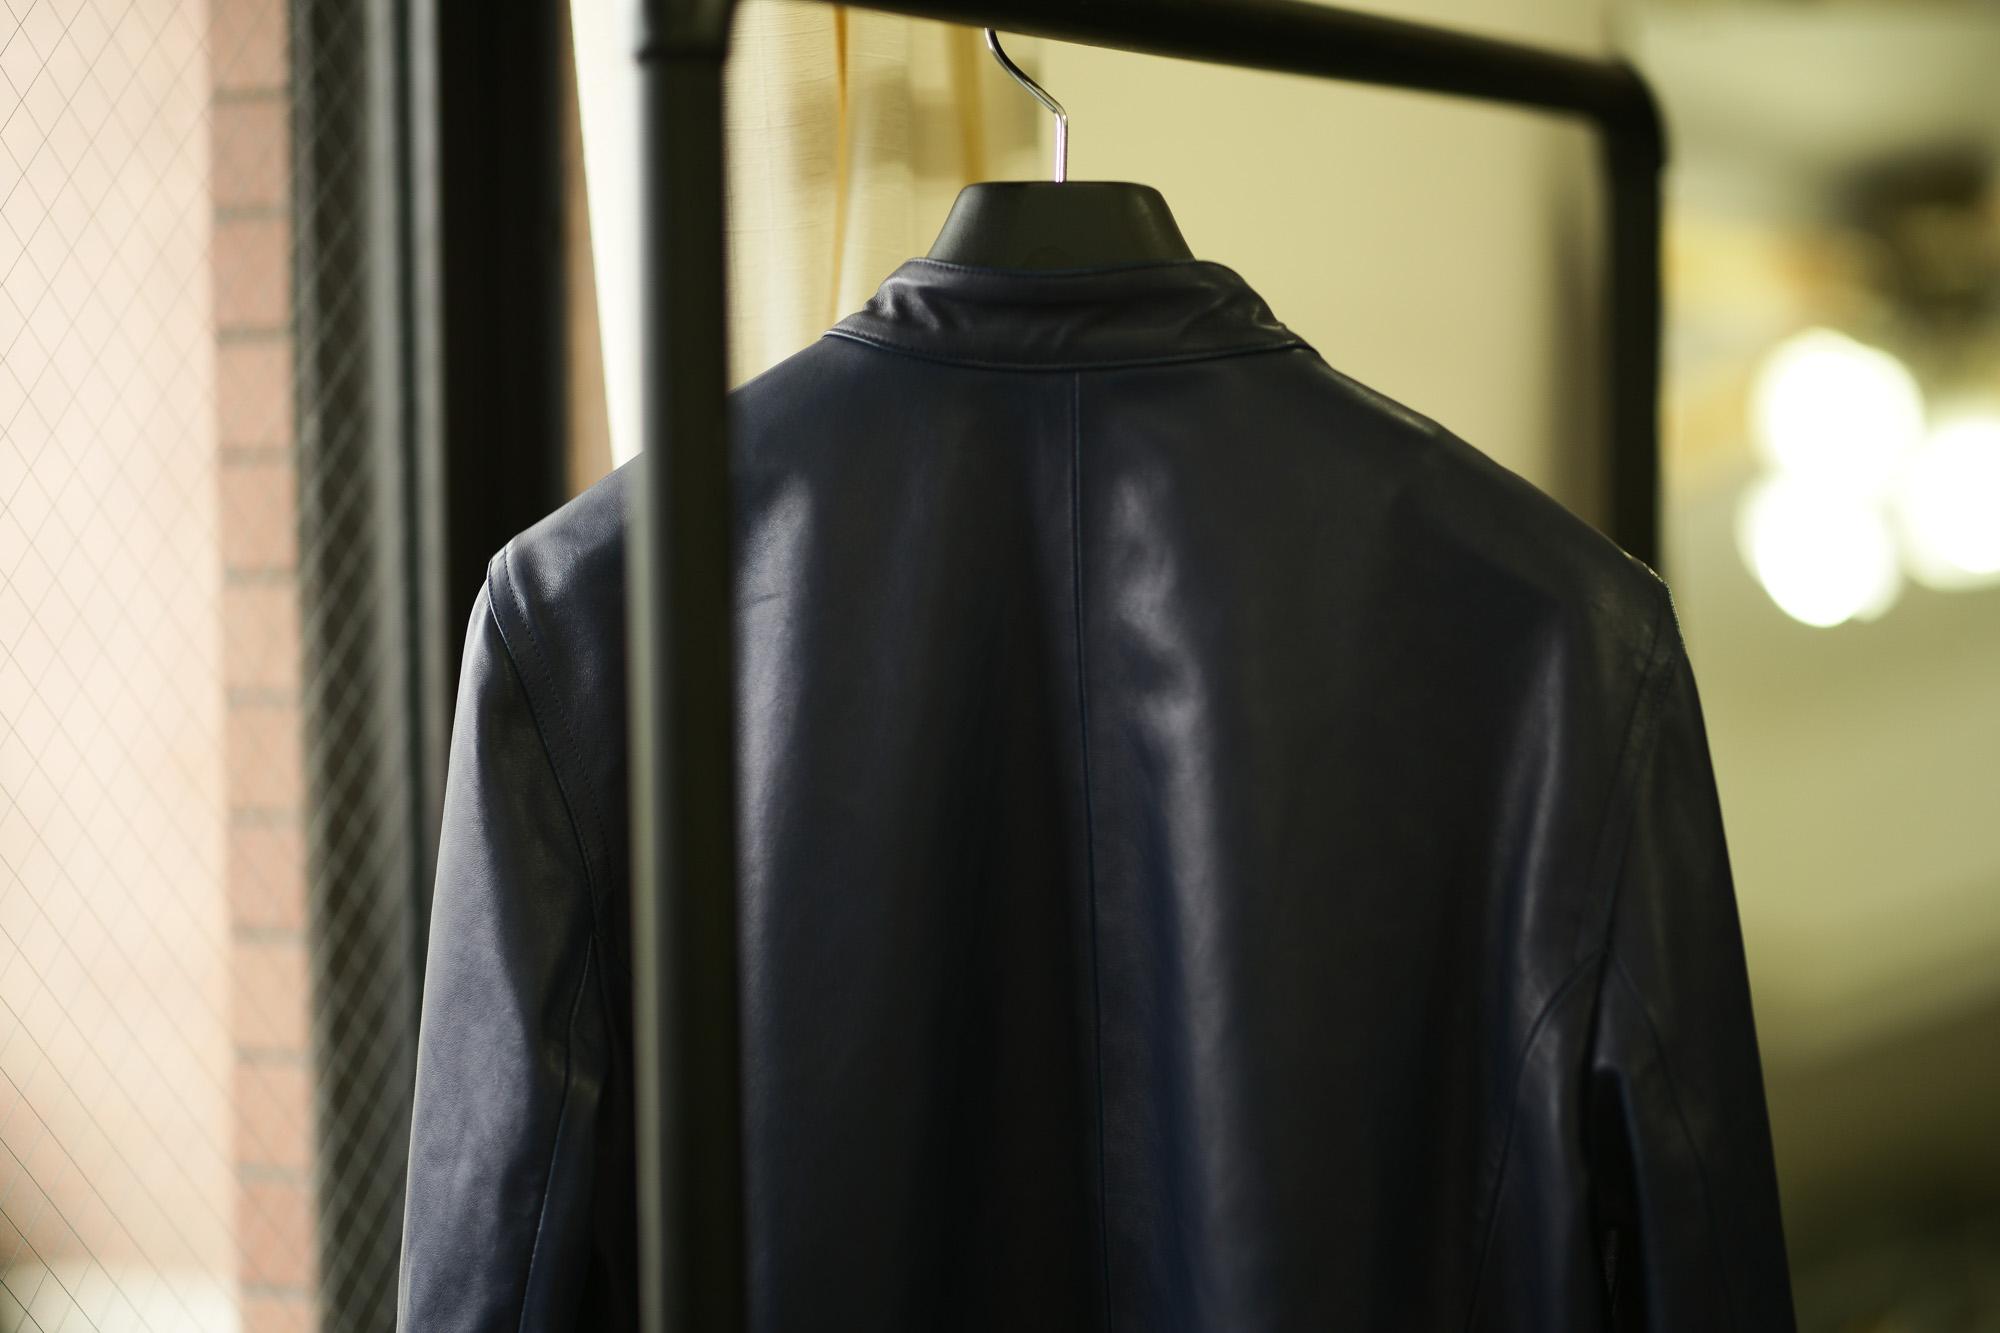 """EMMETI /// """"JOSEPH"""" Nappa Leather DOUBLE RIDERS NERO,BLUE 2020SS エンメティ ジョセフ ナッパレザー ダブルライダース シングルライダース ブラック ブルー 愛知 名古屋 altoediritto アルトエデリット 44 46 48 50 52 54"""